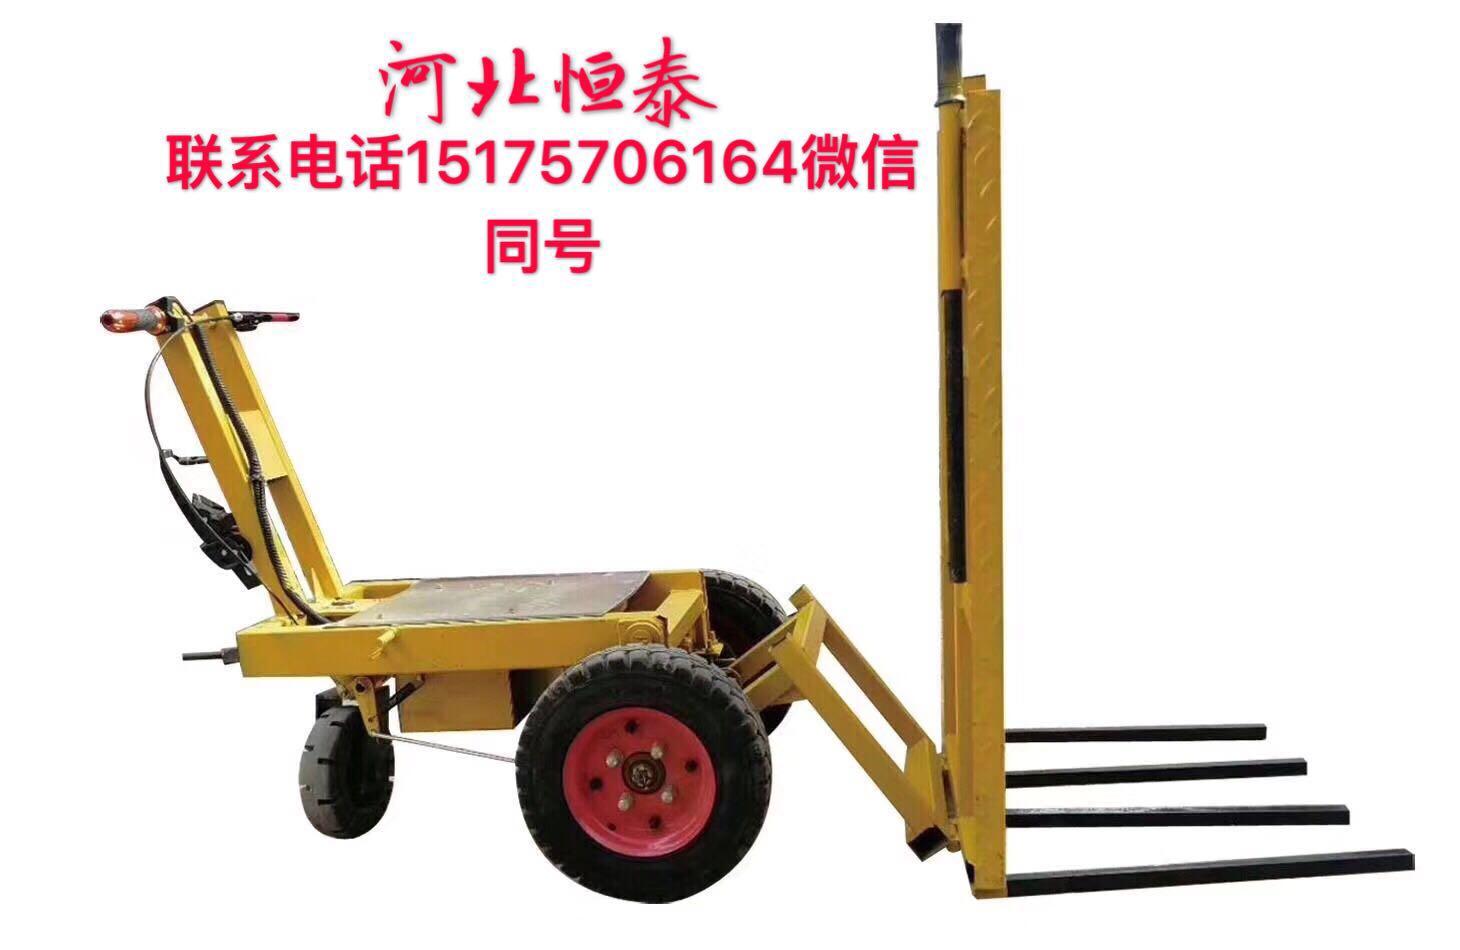 河北厂家生产小猛牛800w电动灰斗车 多工能 价格低可自卸 可拆卸